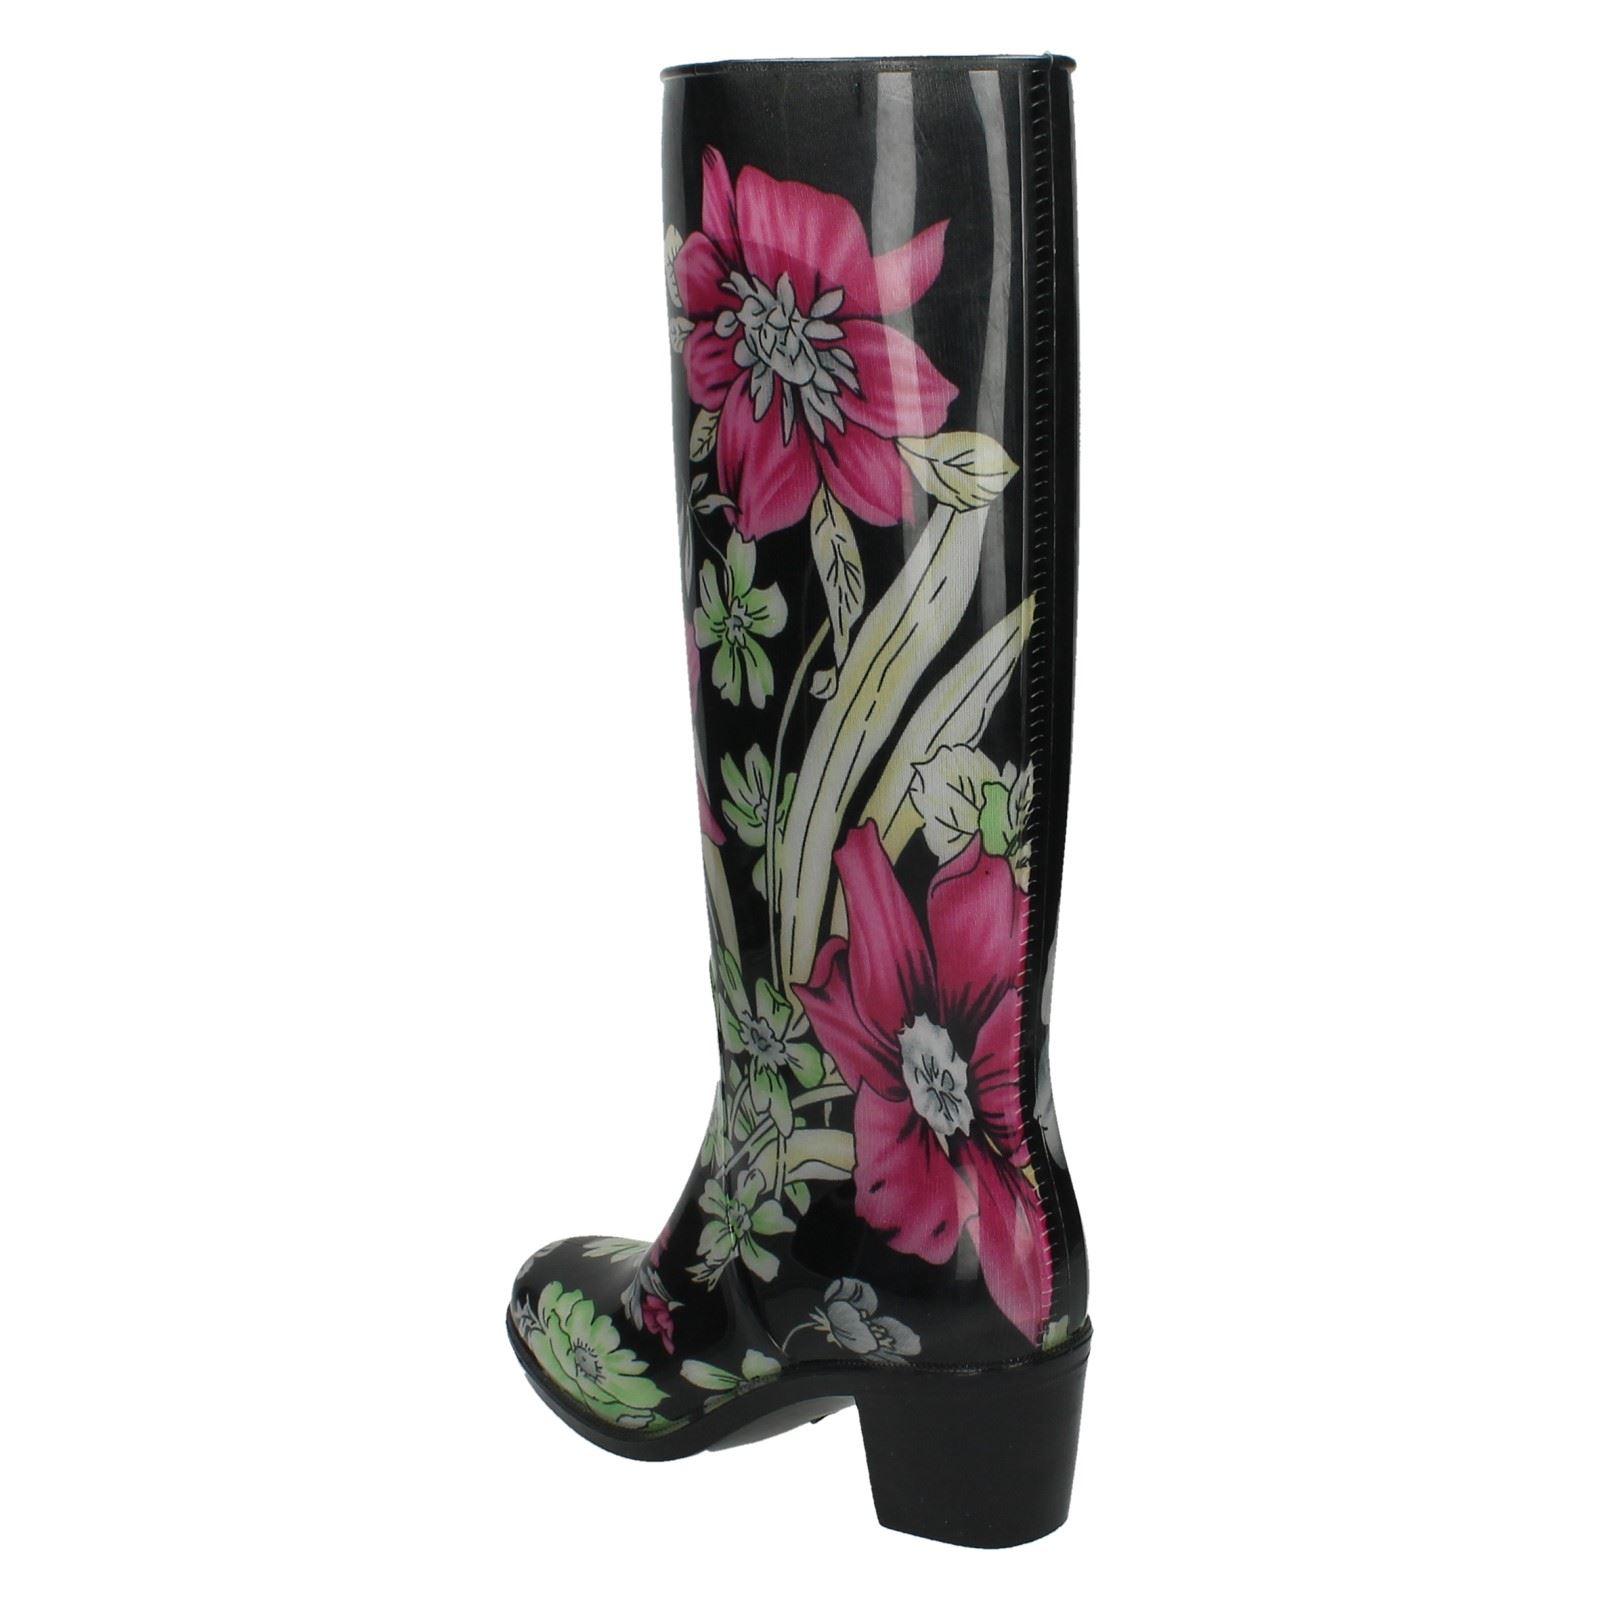 5ecbbe132e6 Las señoras Spot On  Wellington botas con diseño Floral  de tacón